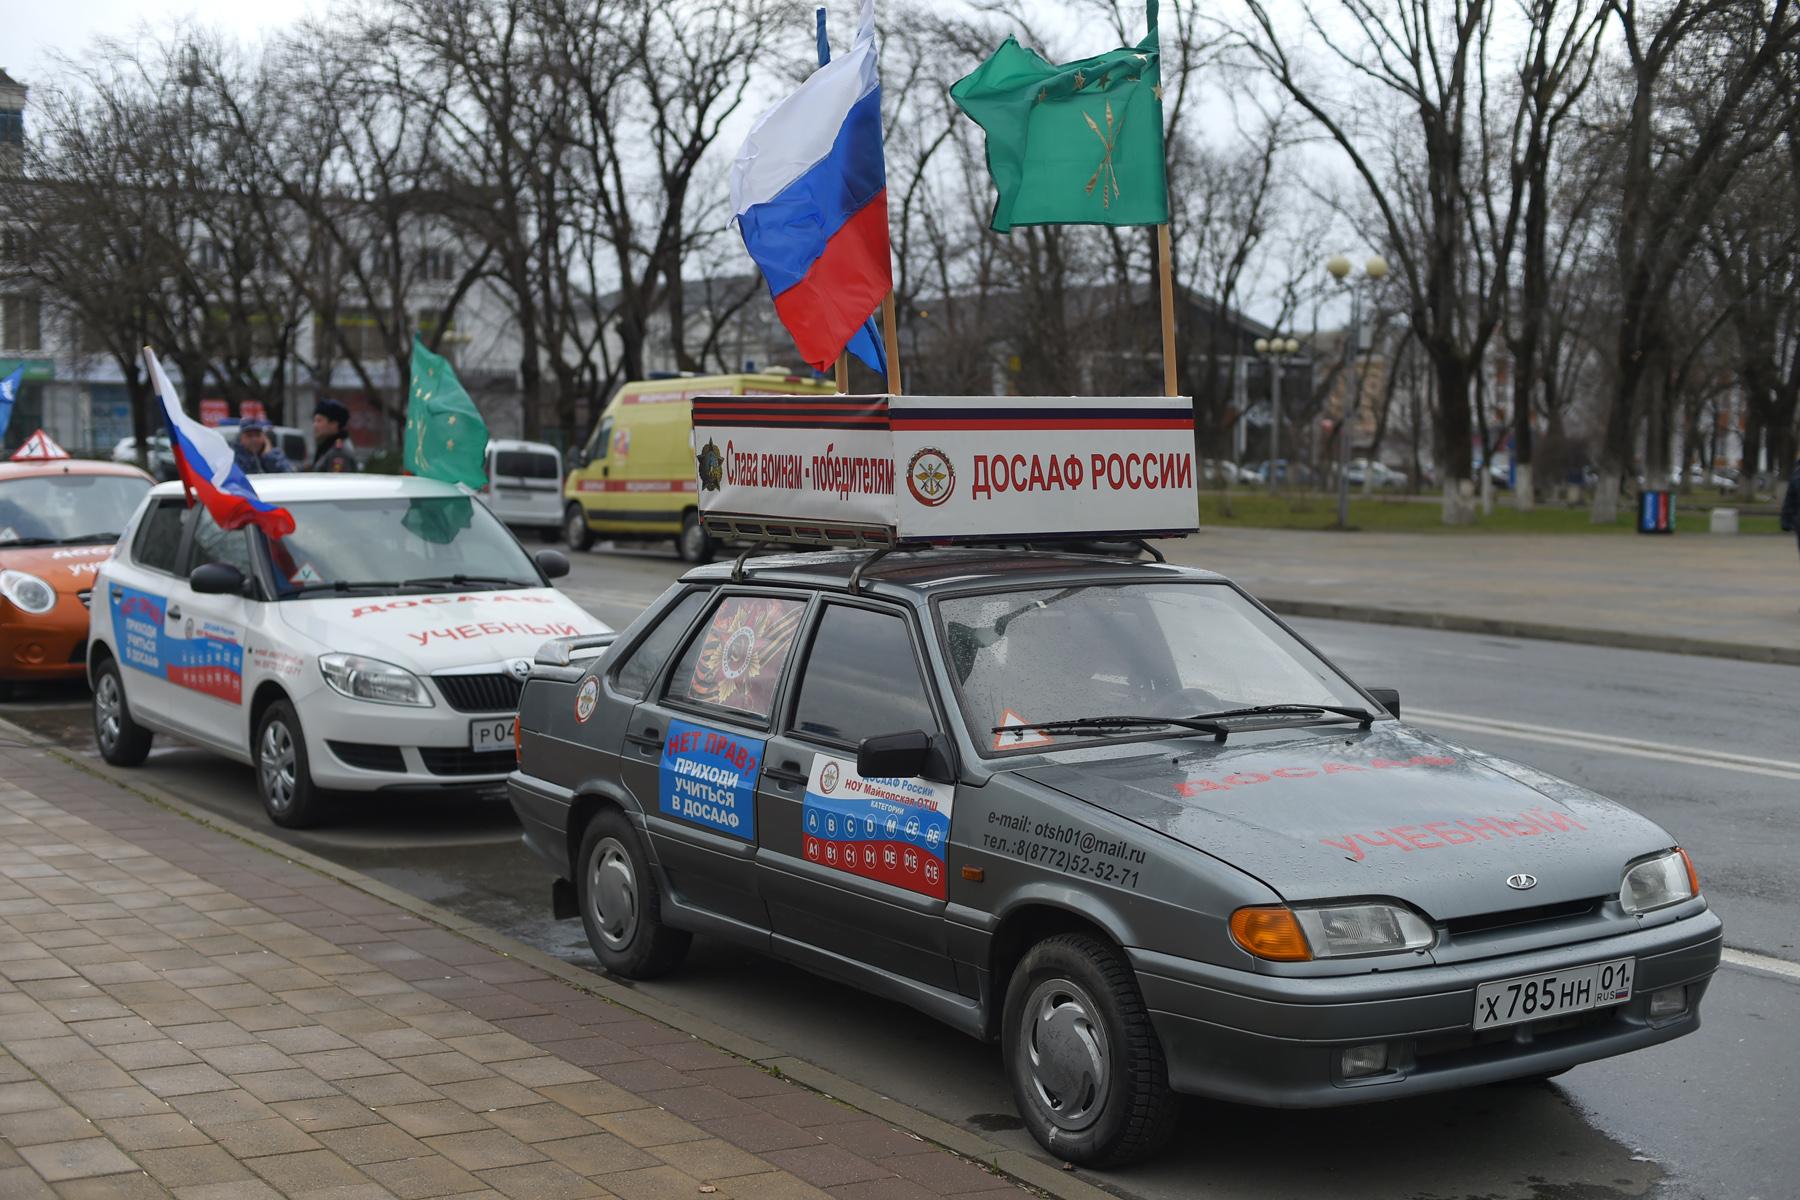 В Майкопе стартовал автопробег в честь 76-й годовщины освобождения Адыгеи от оккупации